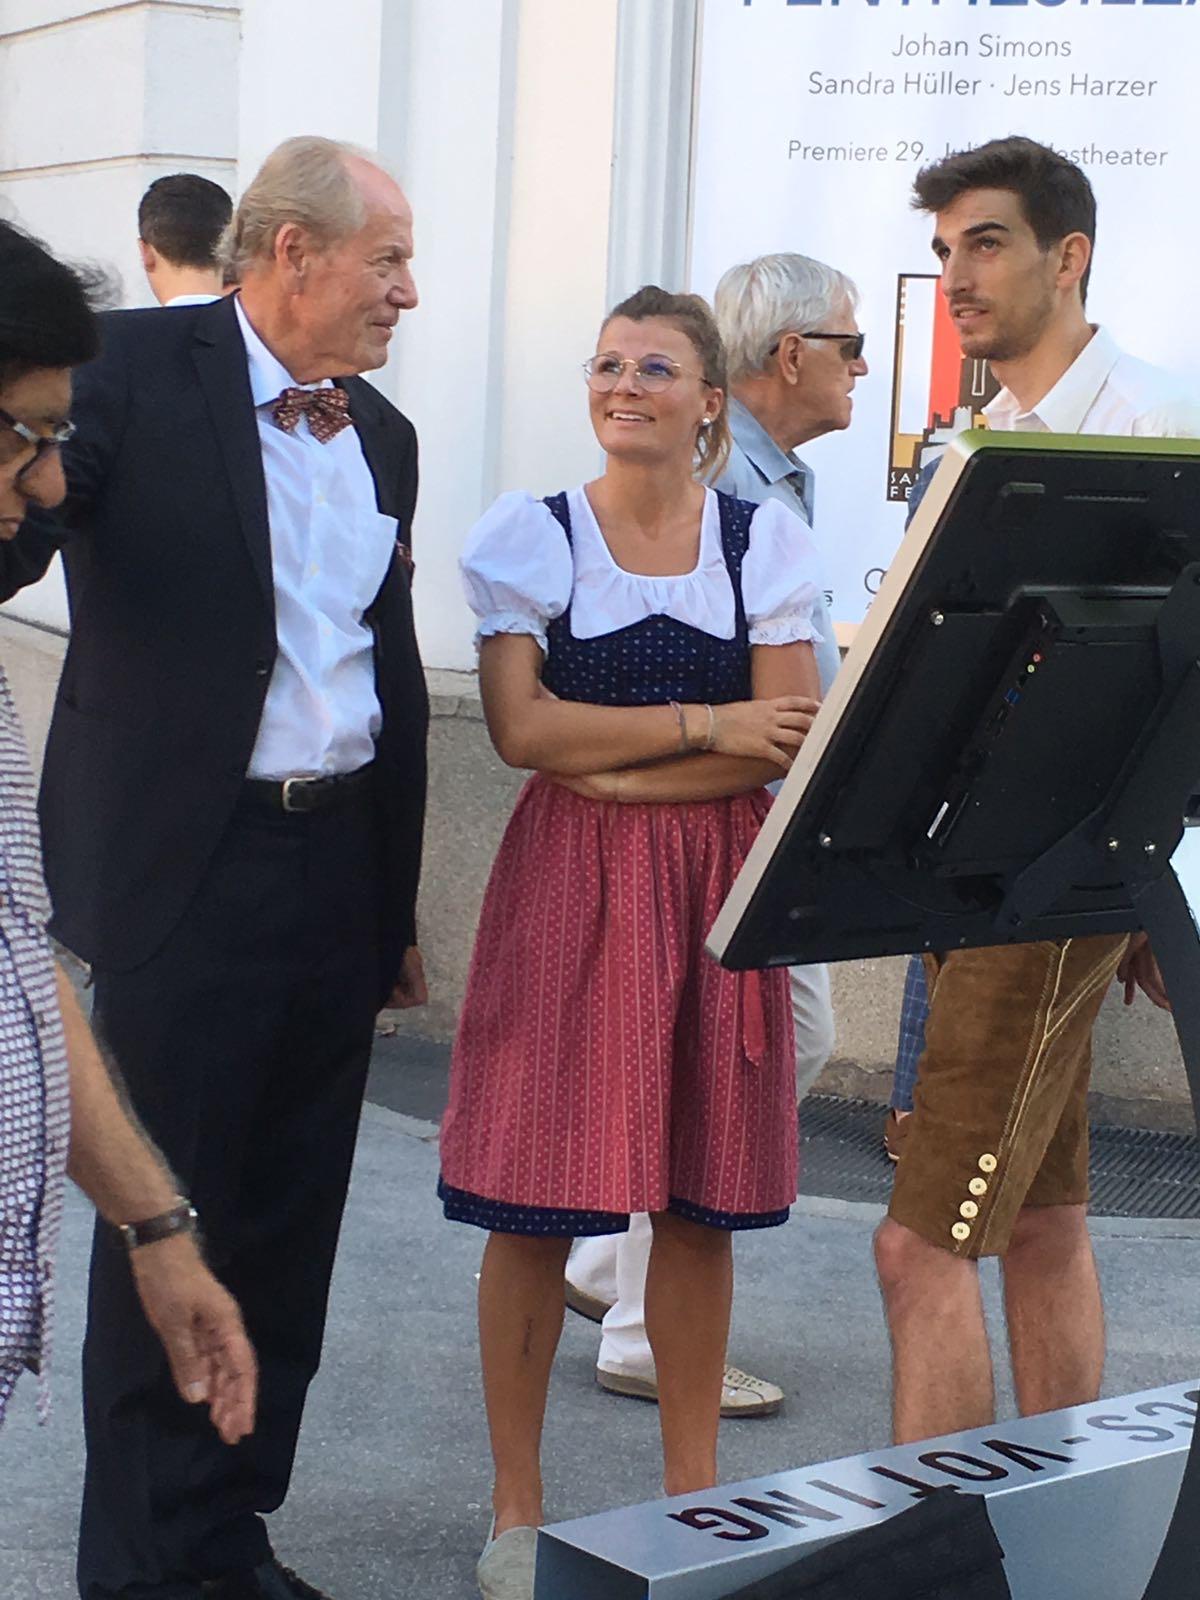 CCS-Voting vor dem Landestheater bei den Salzburger Festspielen im Einsatz - Projektentwicklung und Durchführung: Pixelstudio, Hallein